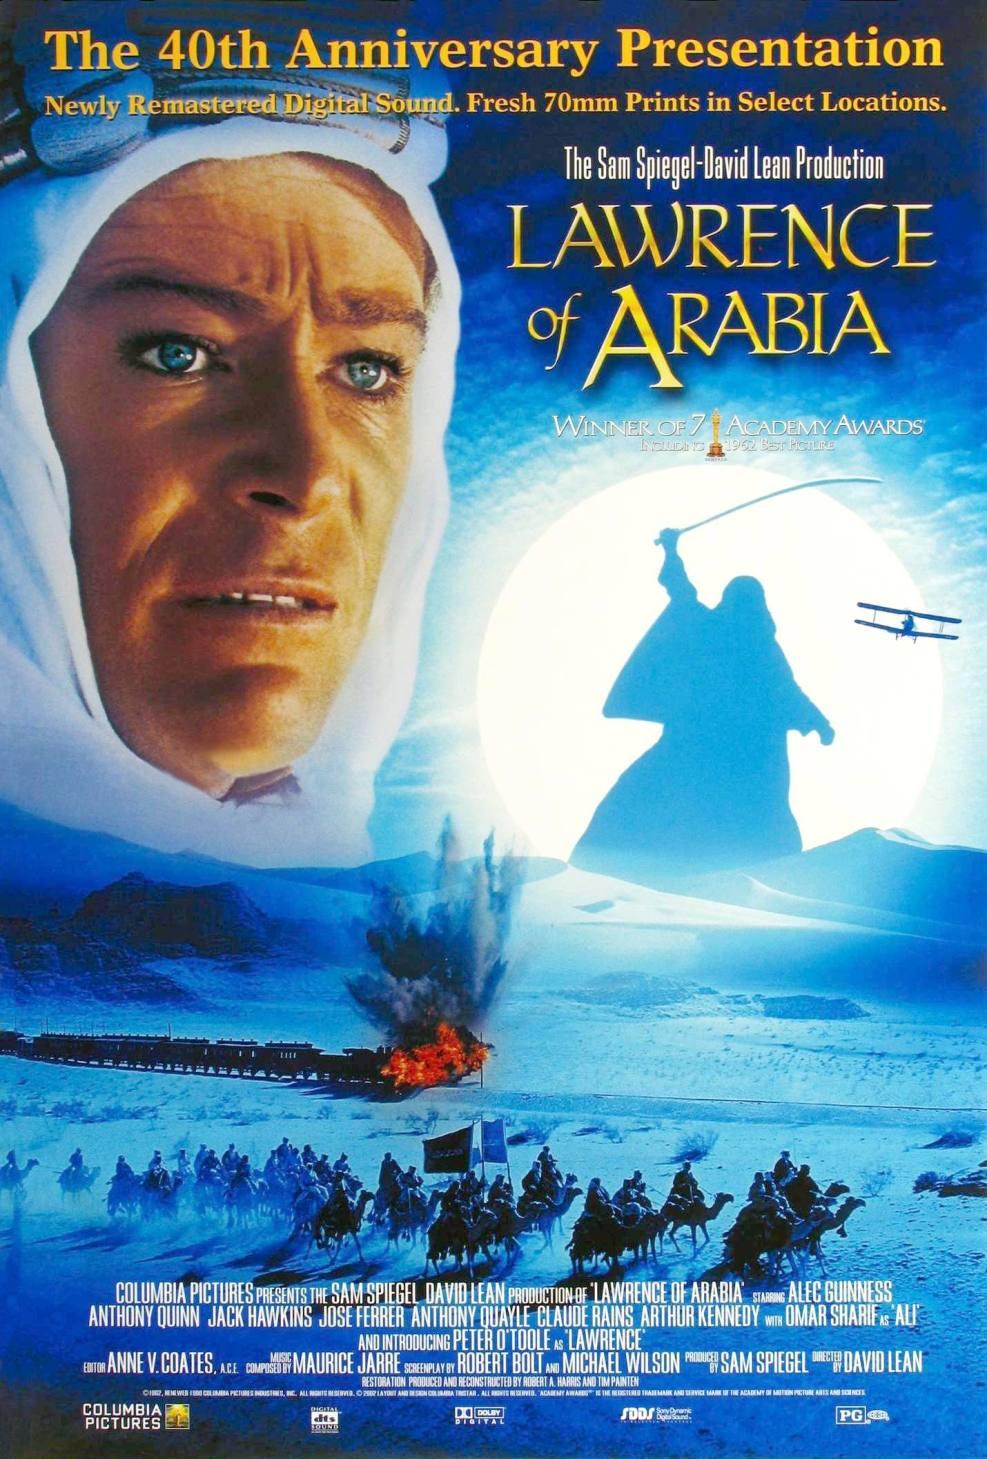 Une des nombreuses affiches du célèbre film - Lawrence d'Arabie